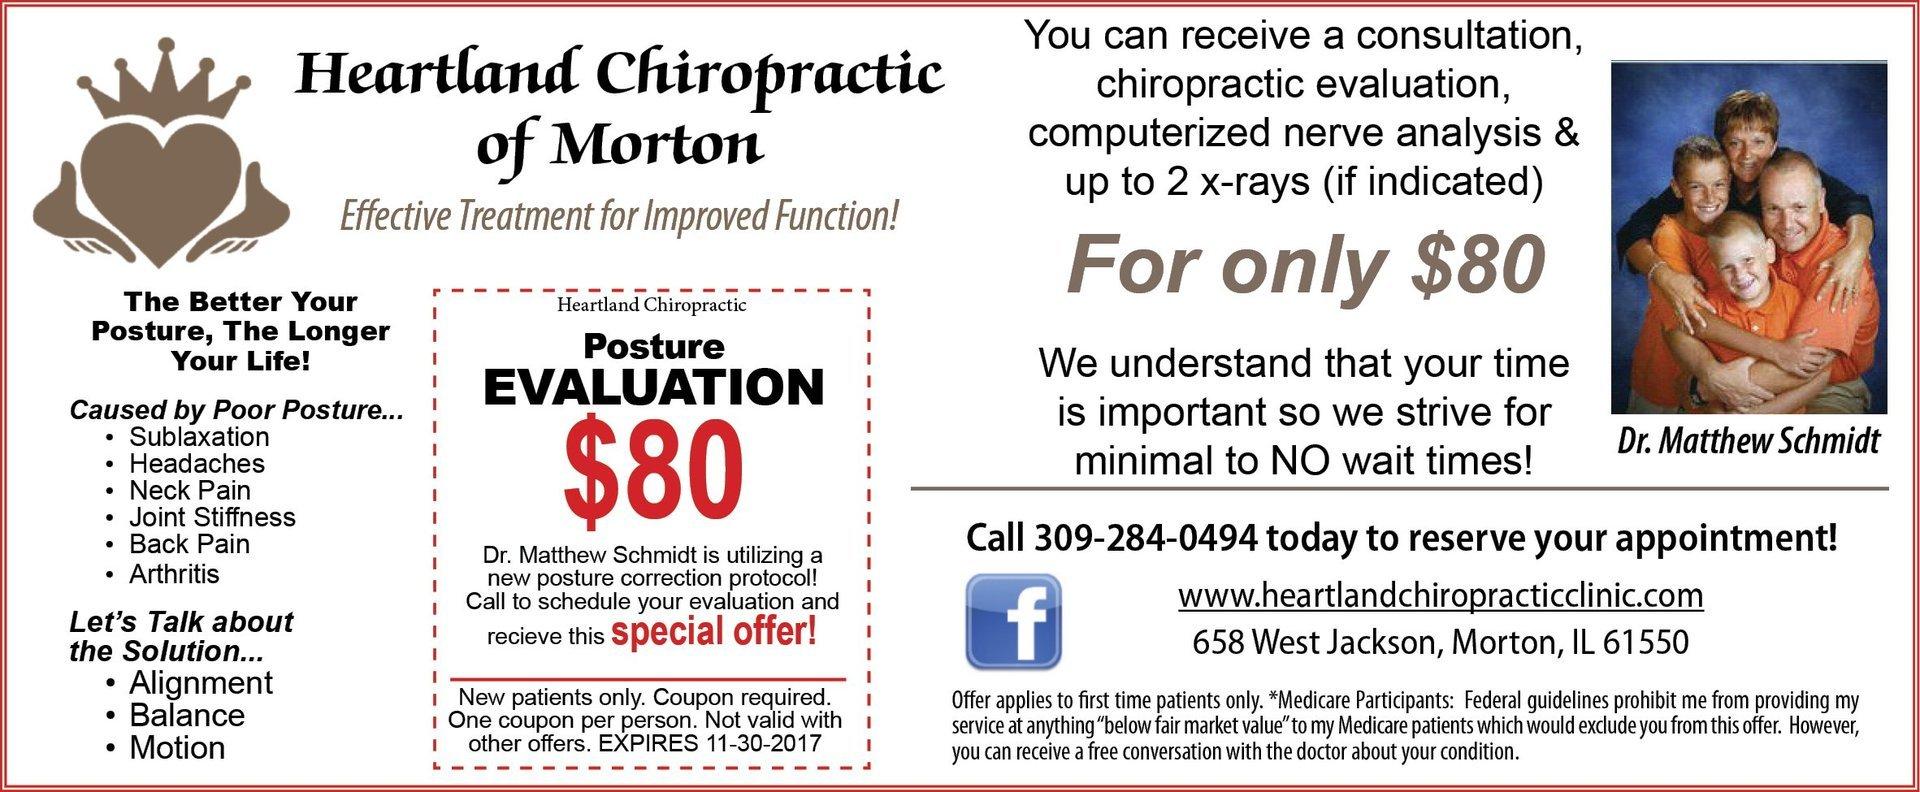 Heartland Chiropractic of Morton posture and cosultaion coupons Morton, IL